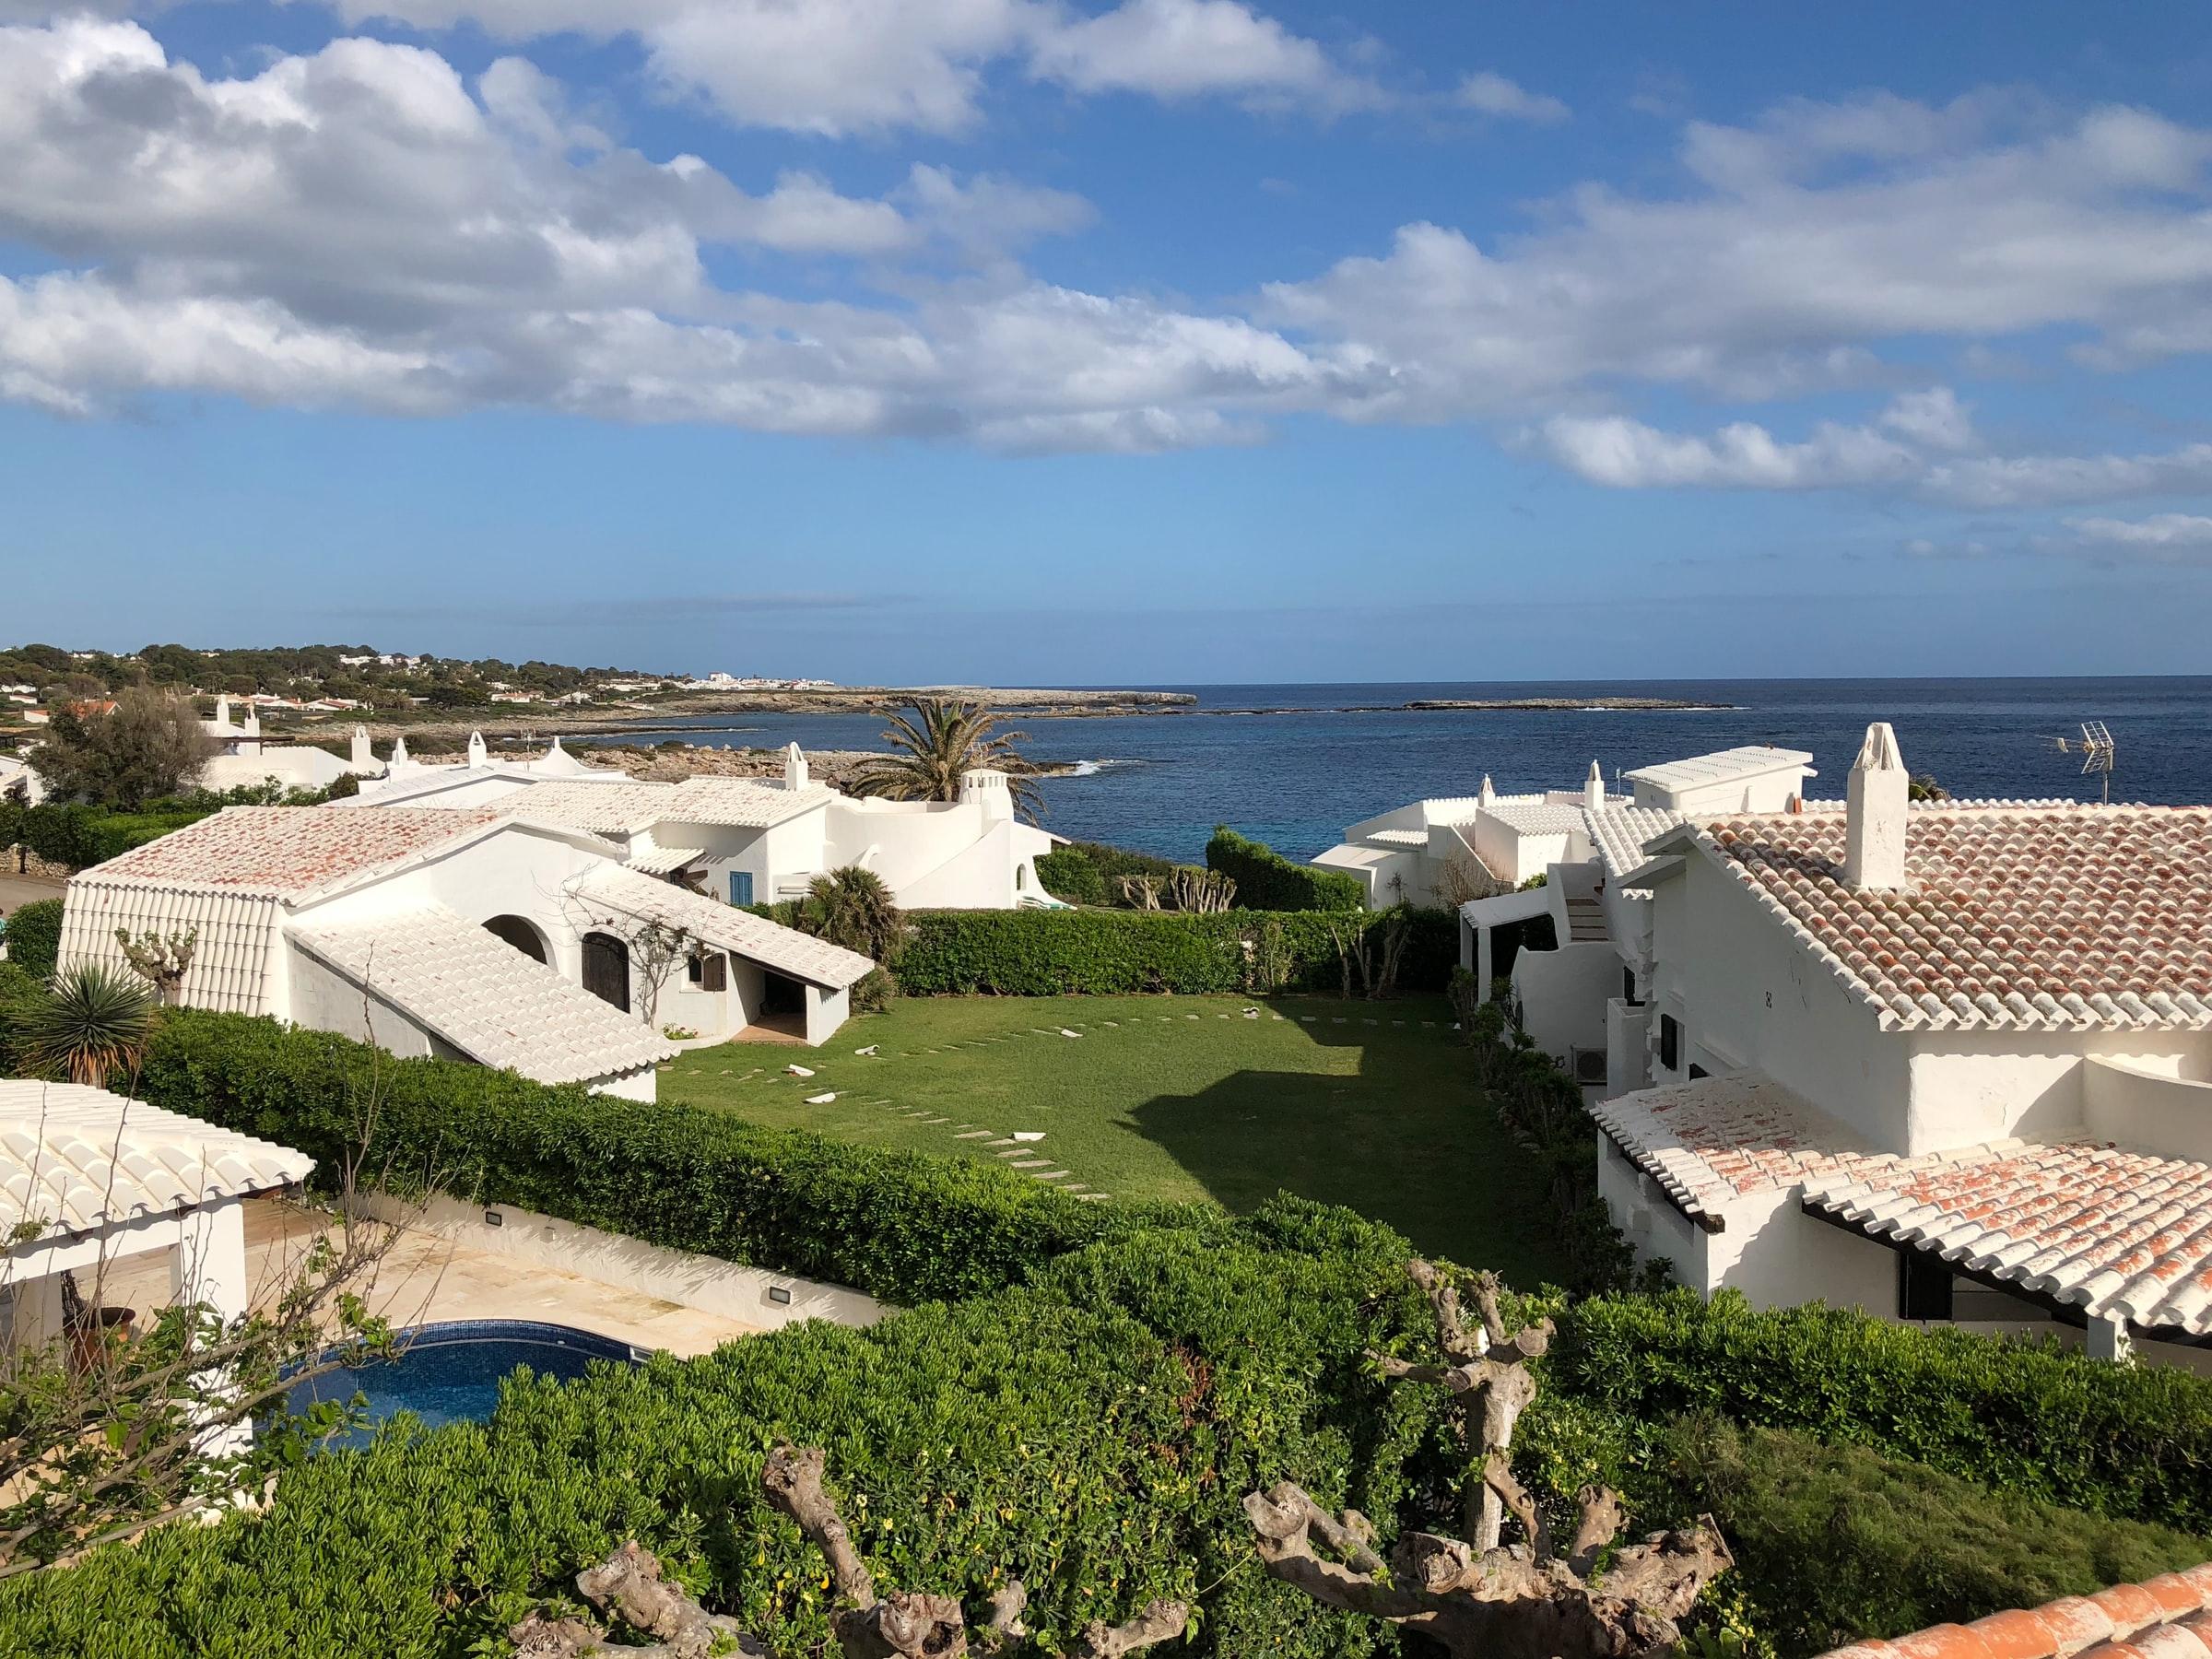 Menorca - weiße Häuser, Wiese, Meer